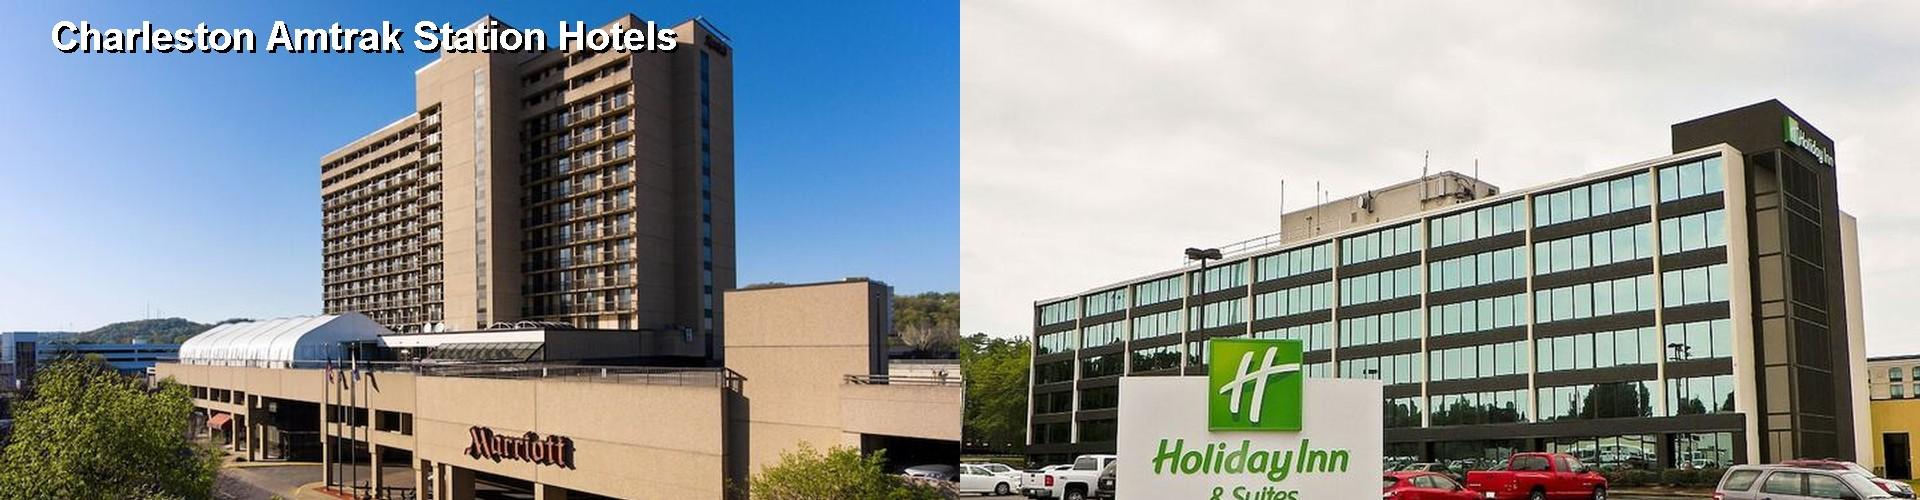 5 Best Hotels Near Charleston Amtrak Station